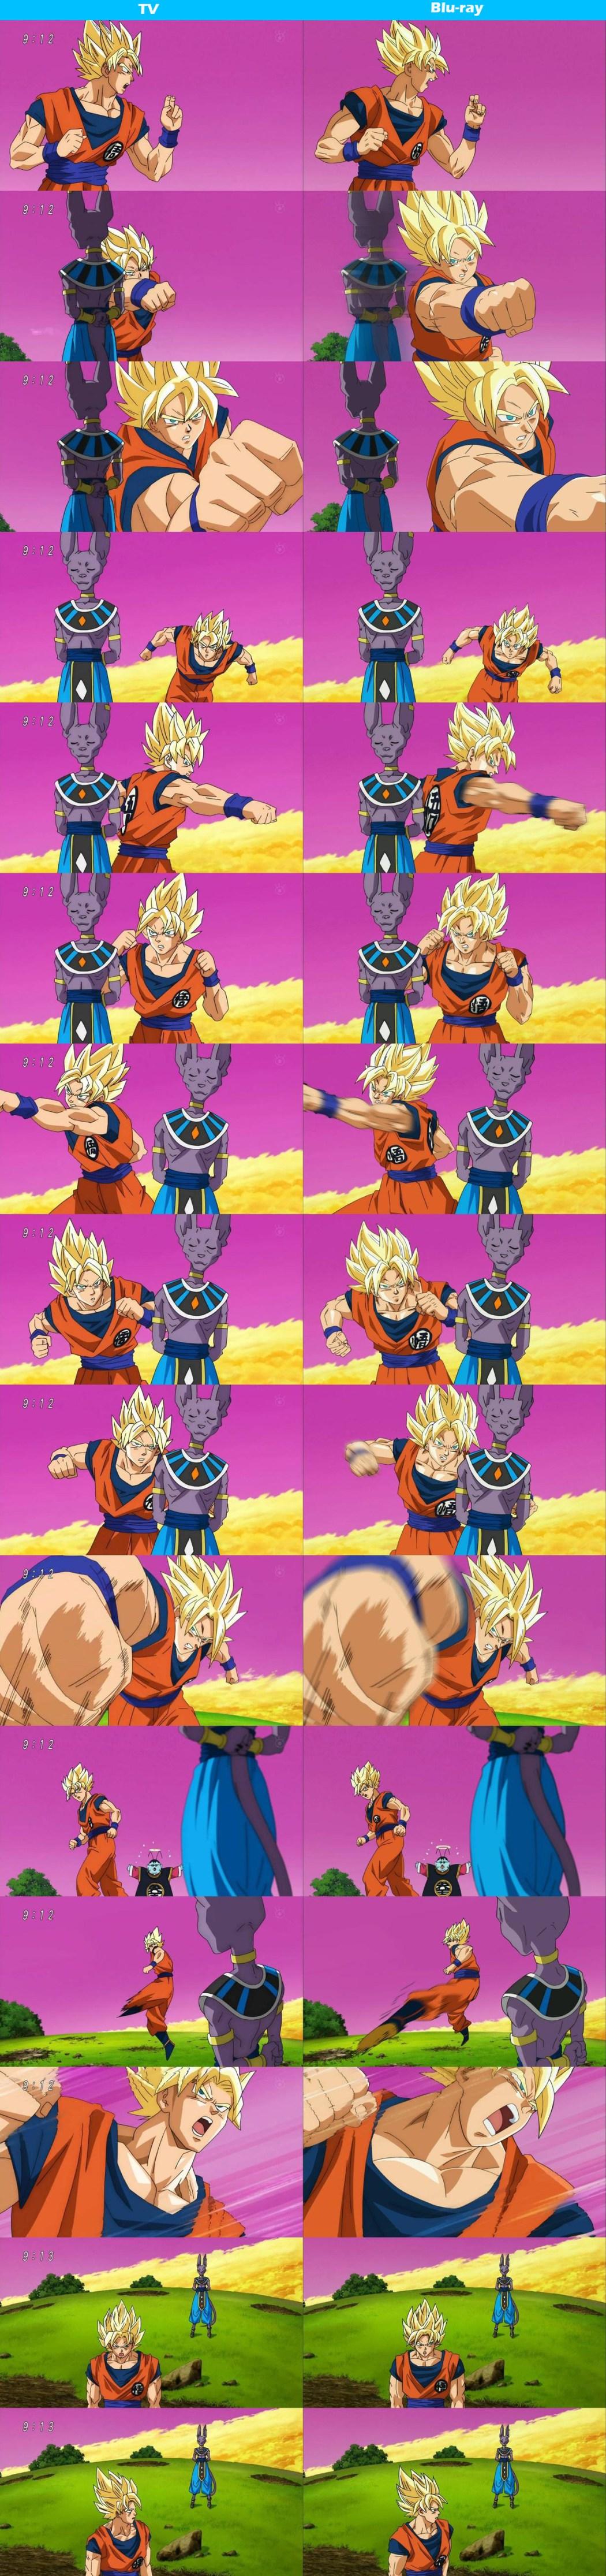 Dragon-Ball-Super-TV-Anime-and-Blu-Ray-Comparison-1